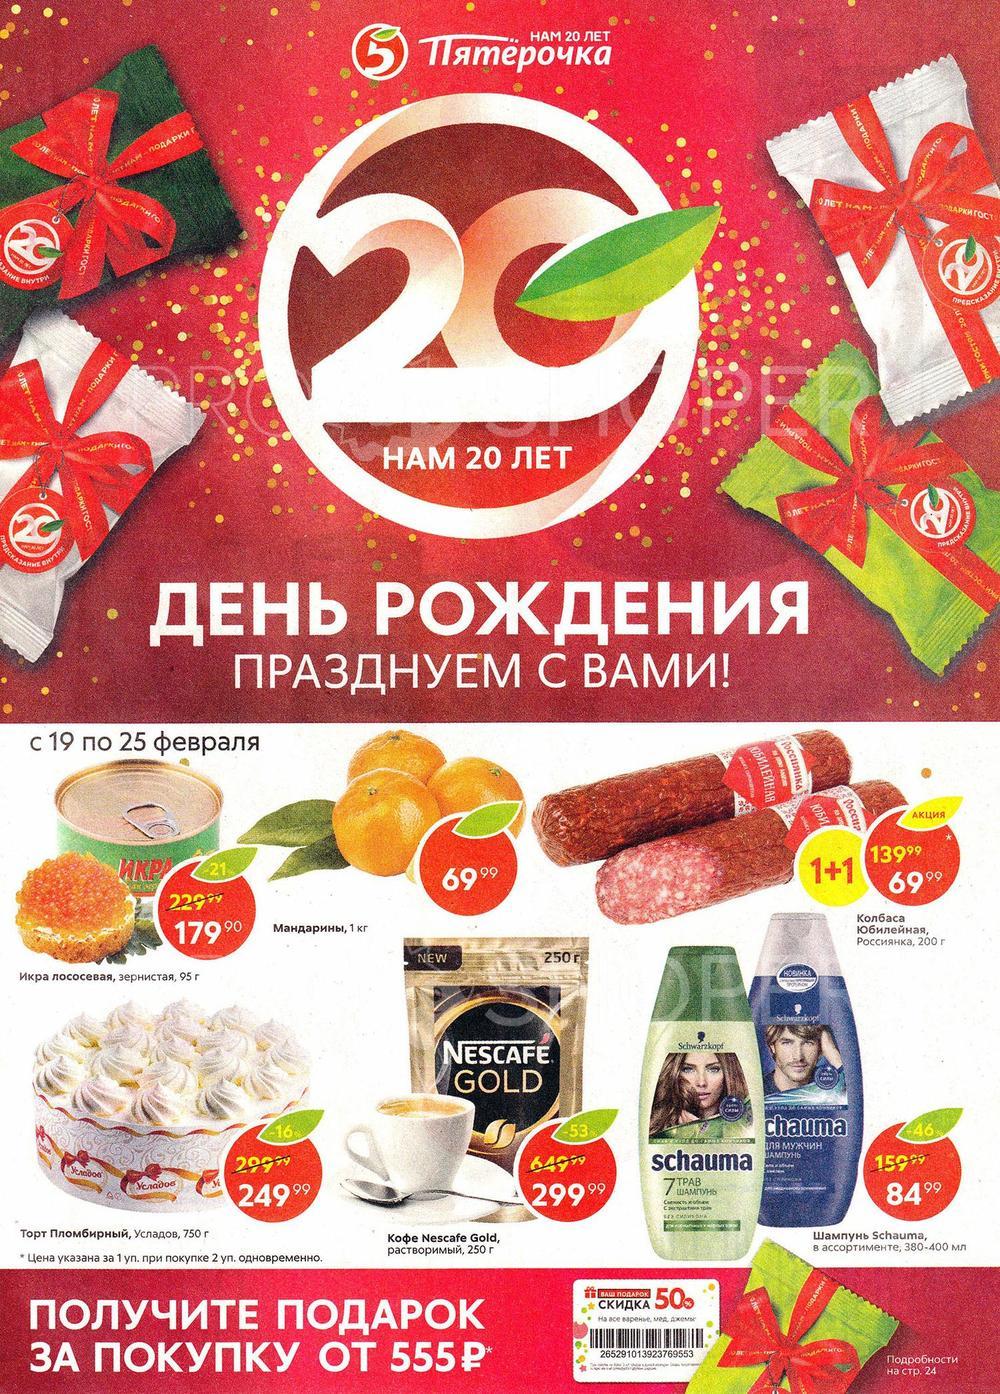 Акции в Пятерочке с 19 по 25 февраля 2019